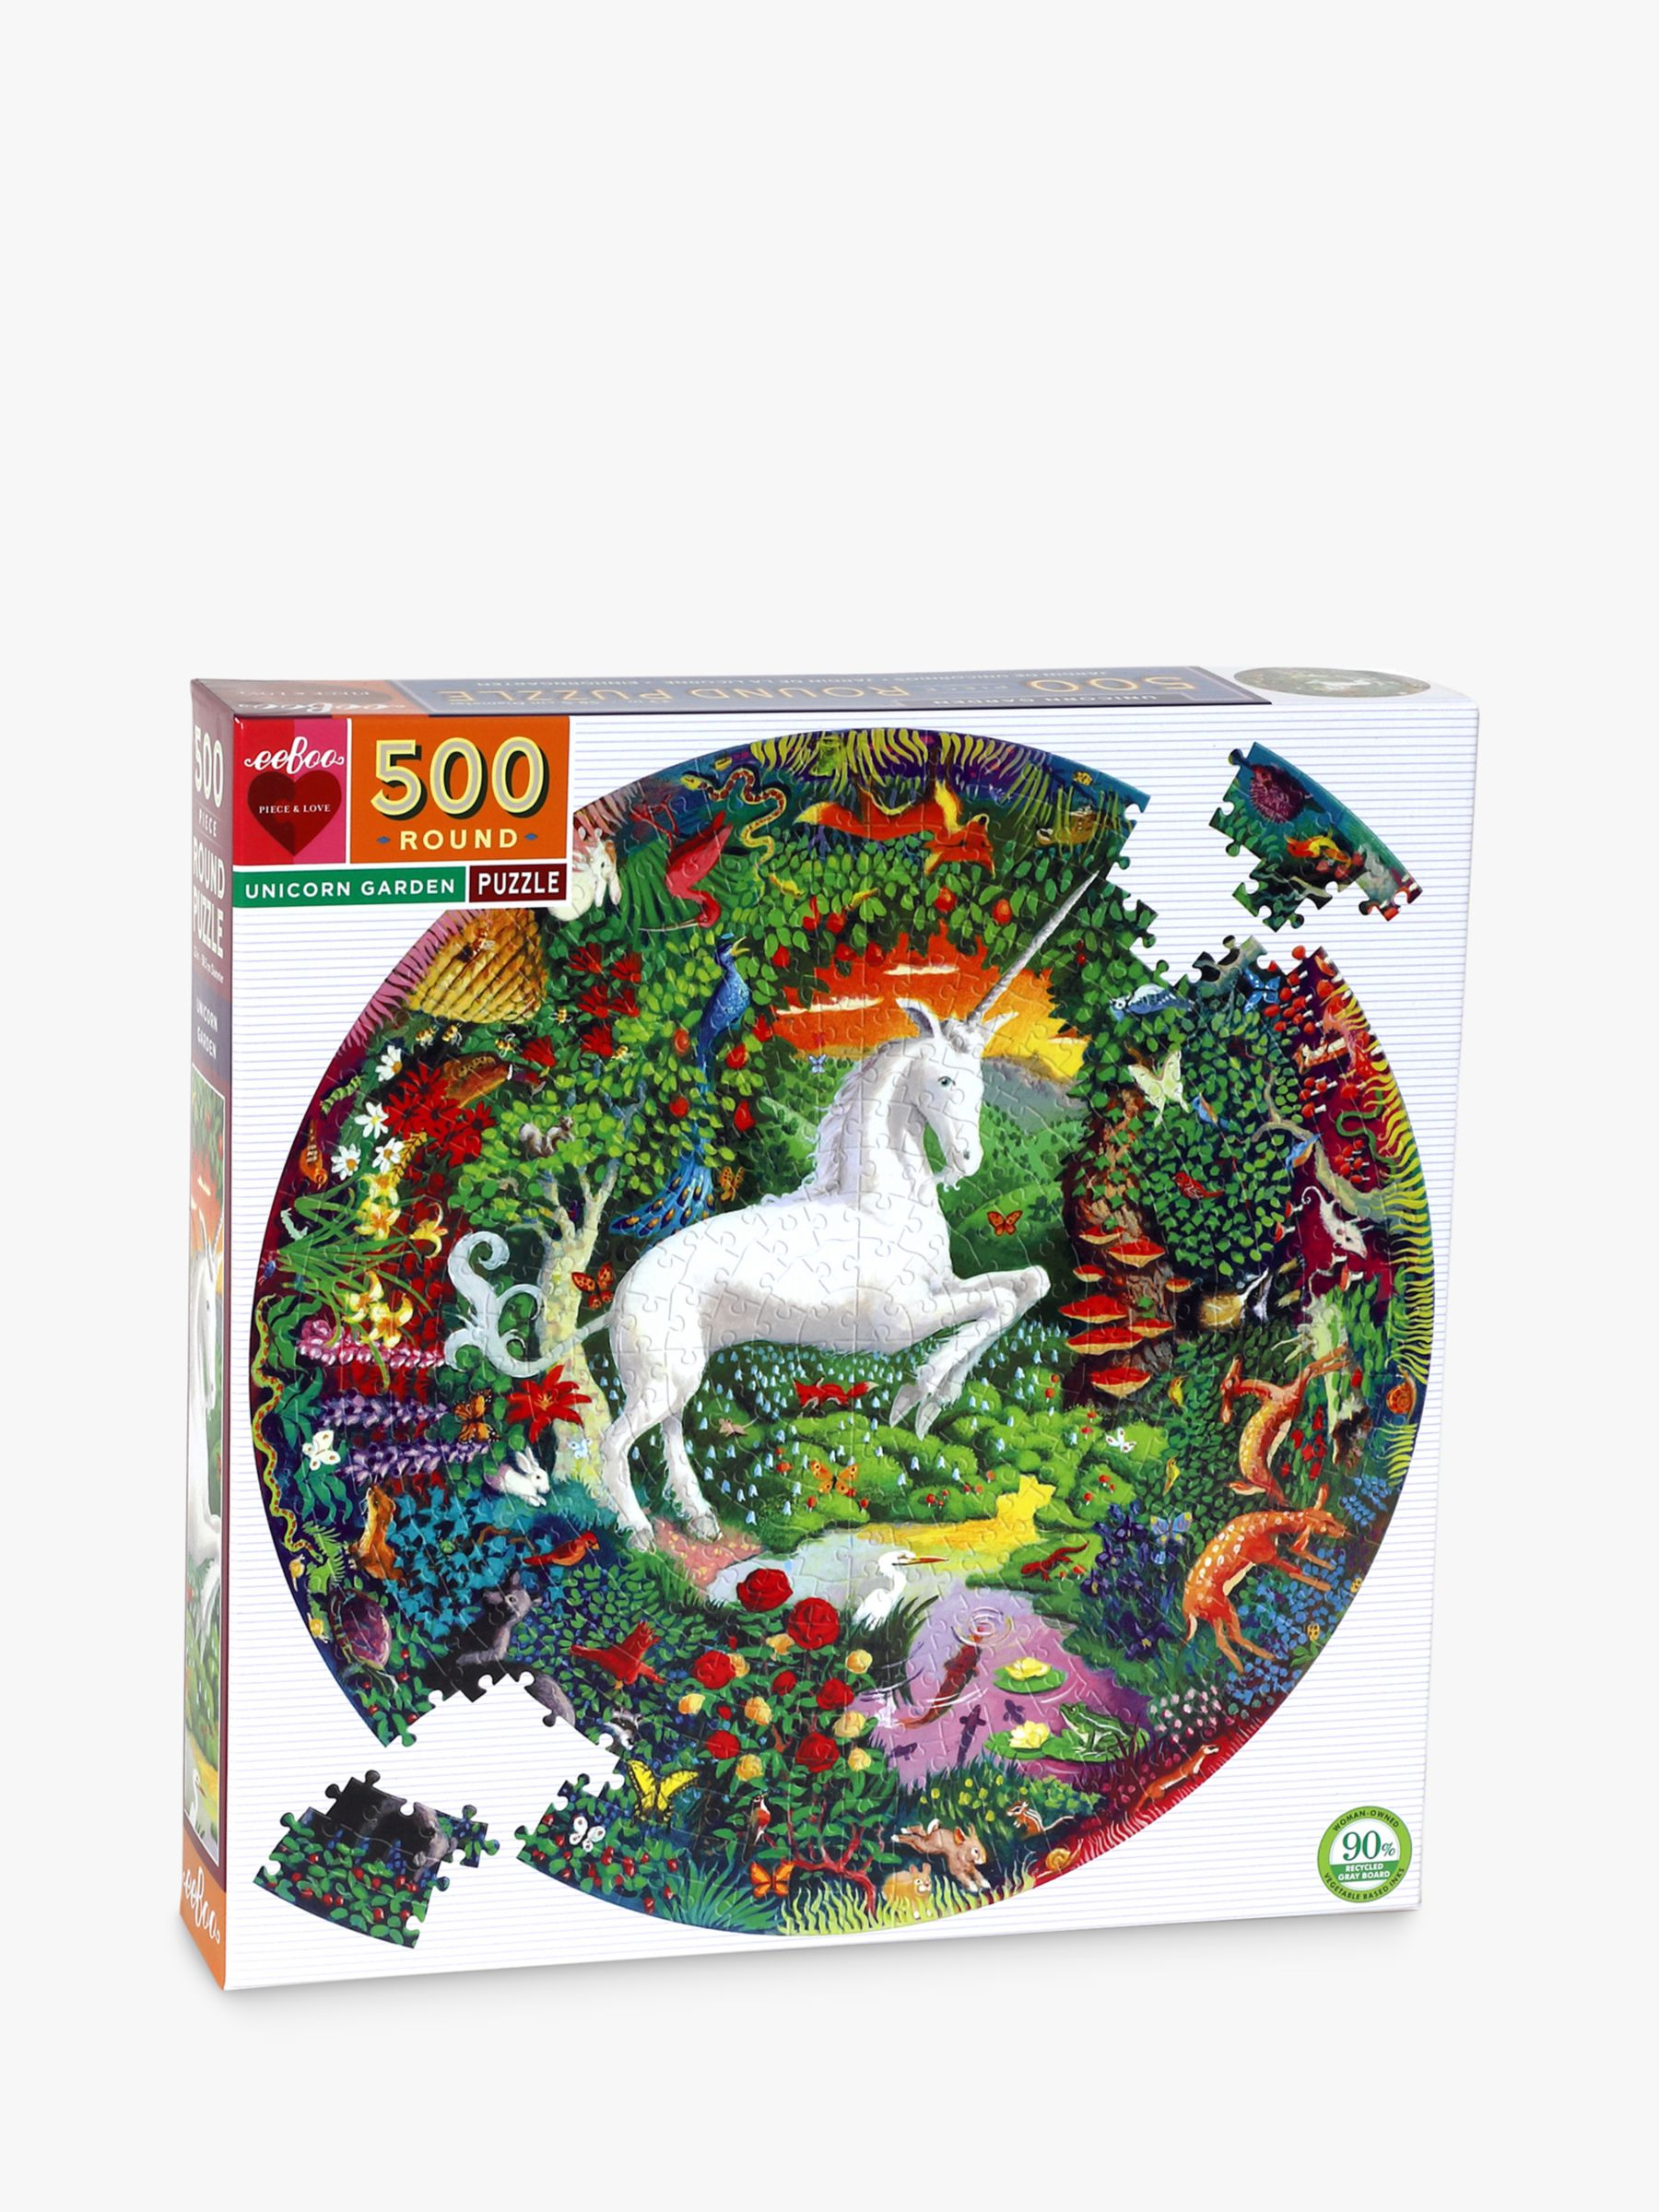 Eeboo eeBoo Unicorn Garden Jigsaw Puzzle, 500 pieces